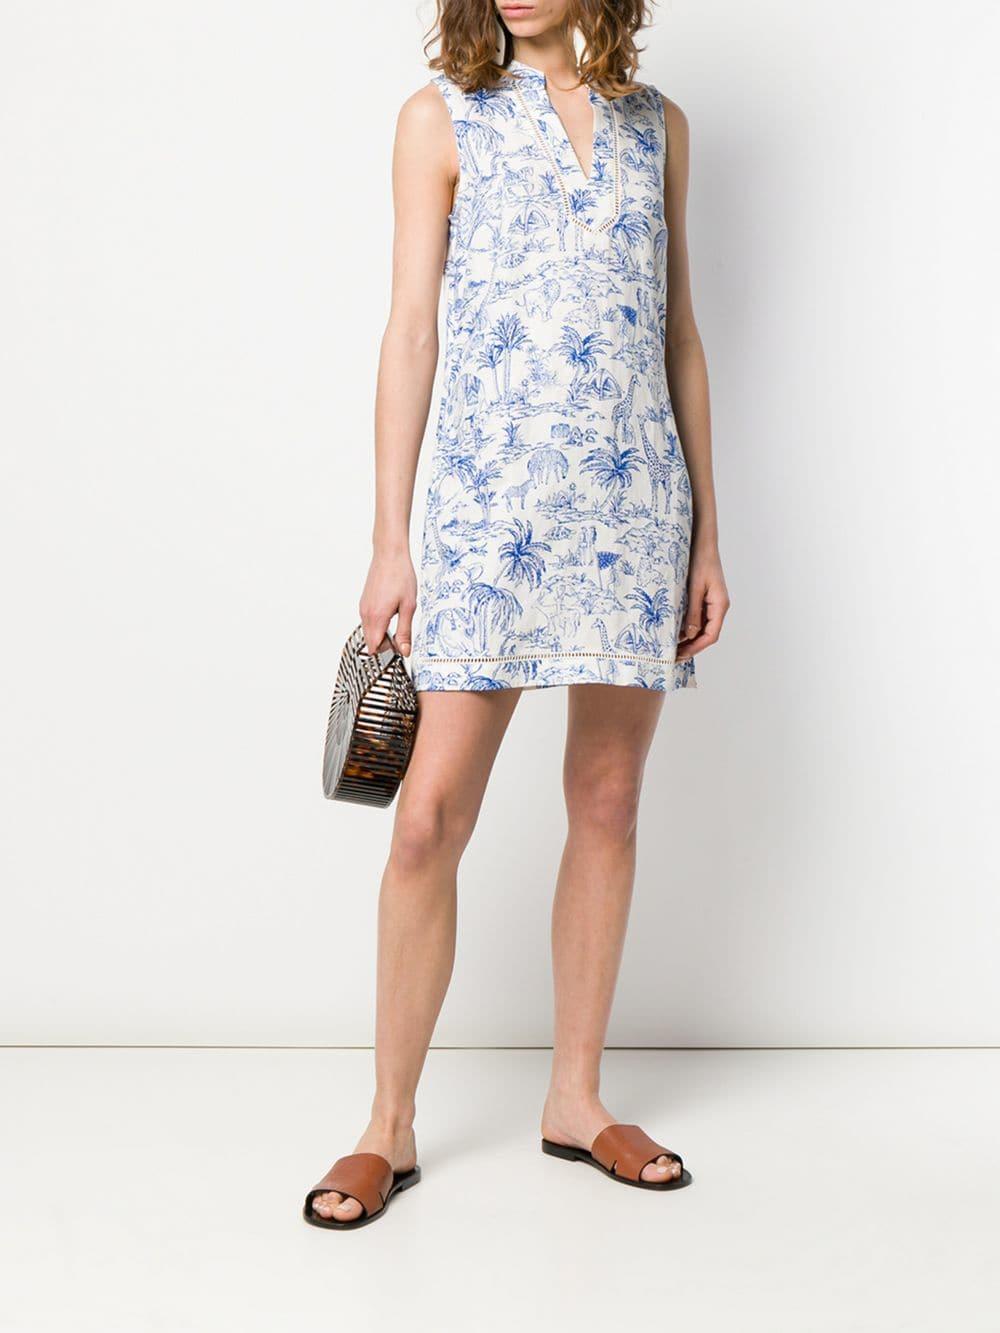 cabbac4c992 Lyst - Tory Burch Jungle Print Dress in White - Save 1%